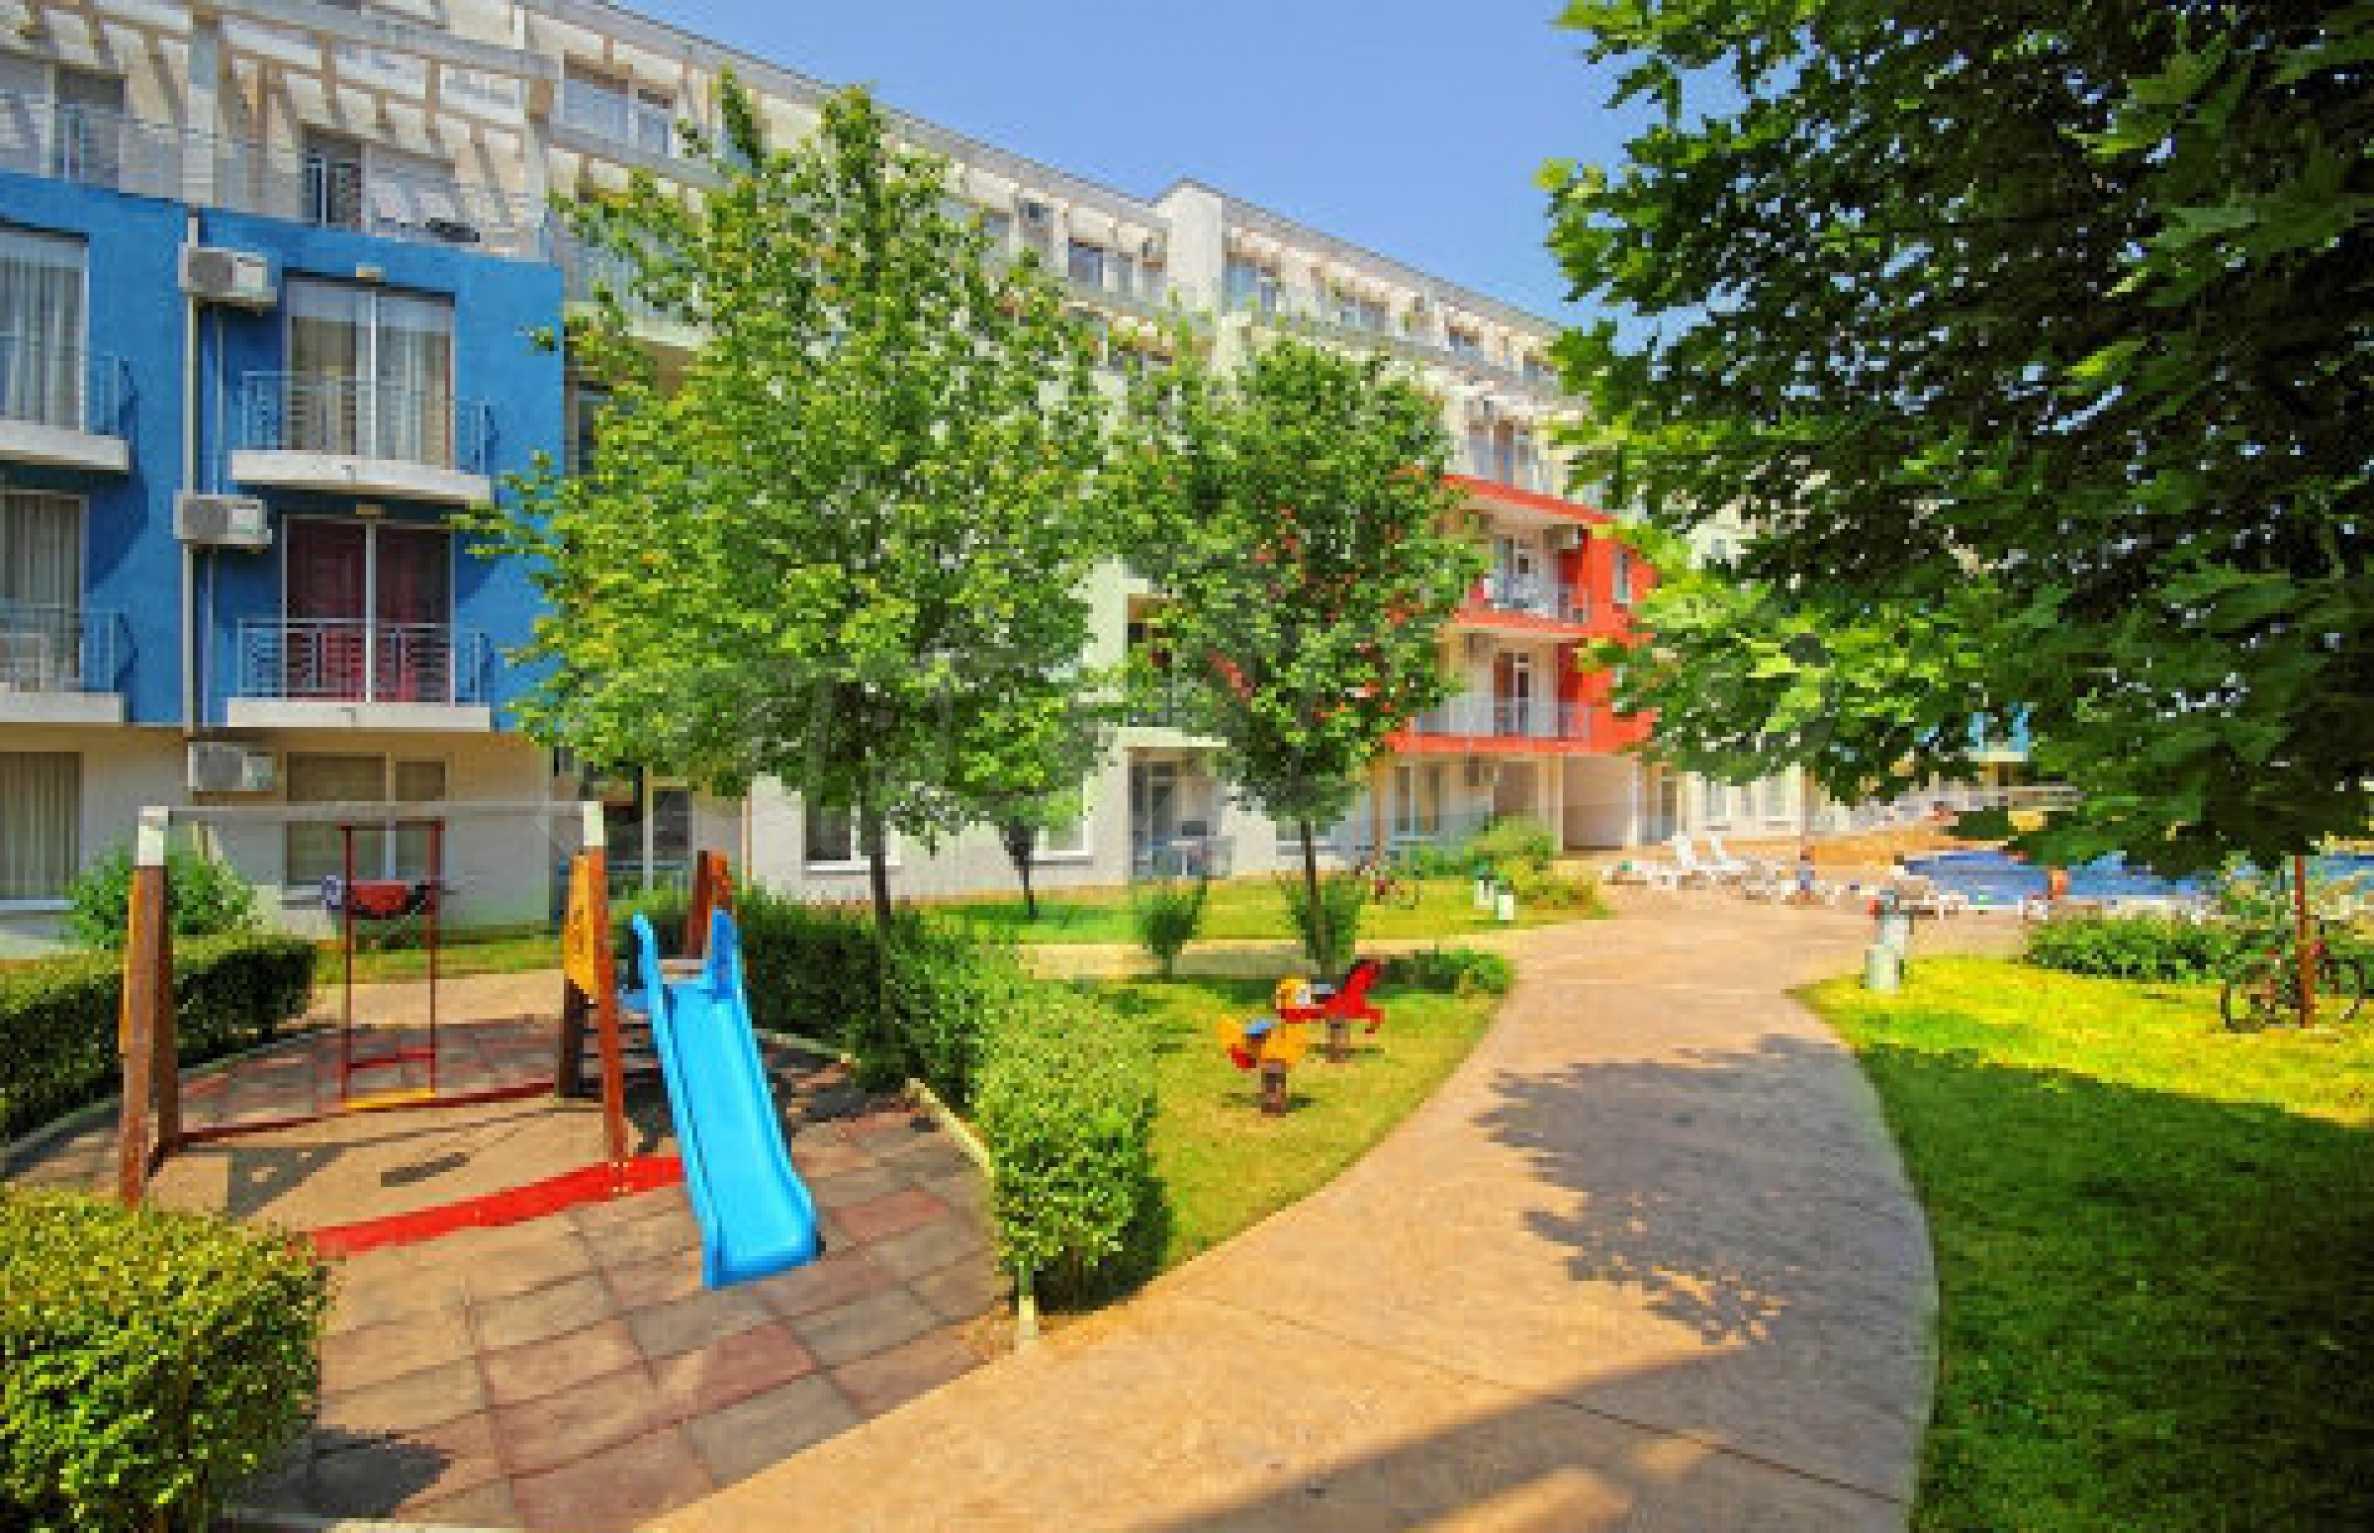 Geräumige Wohnung in einem modernen Komplex Sunny Day 3 15